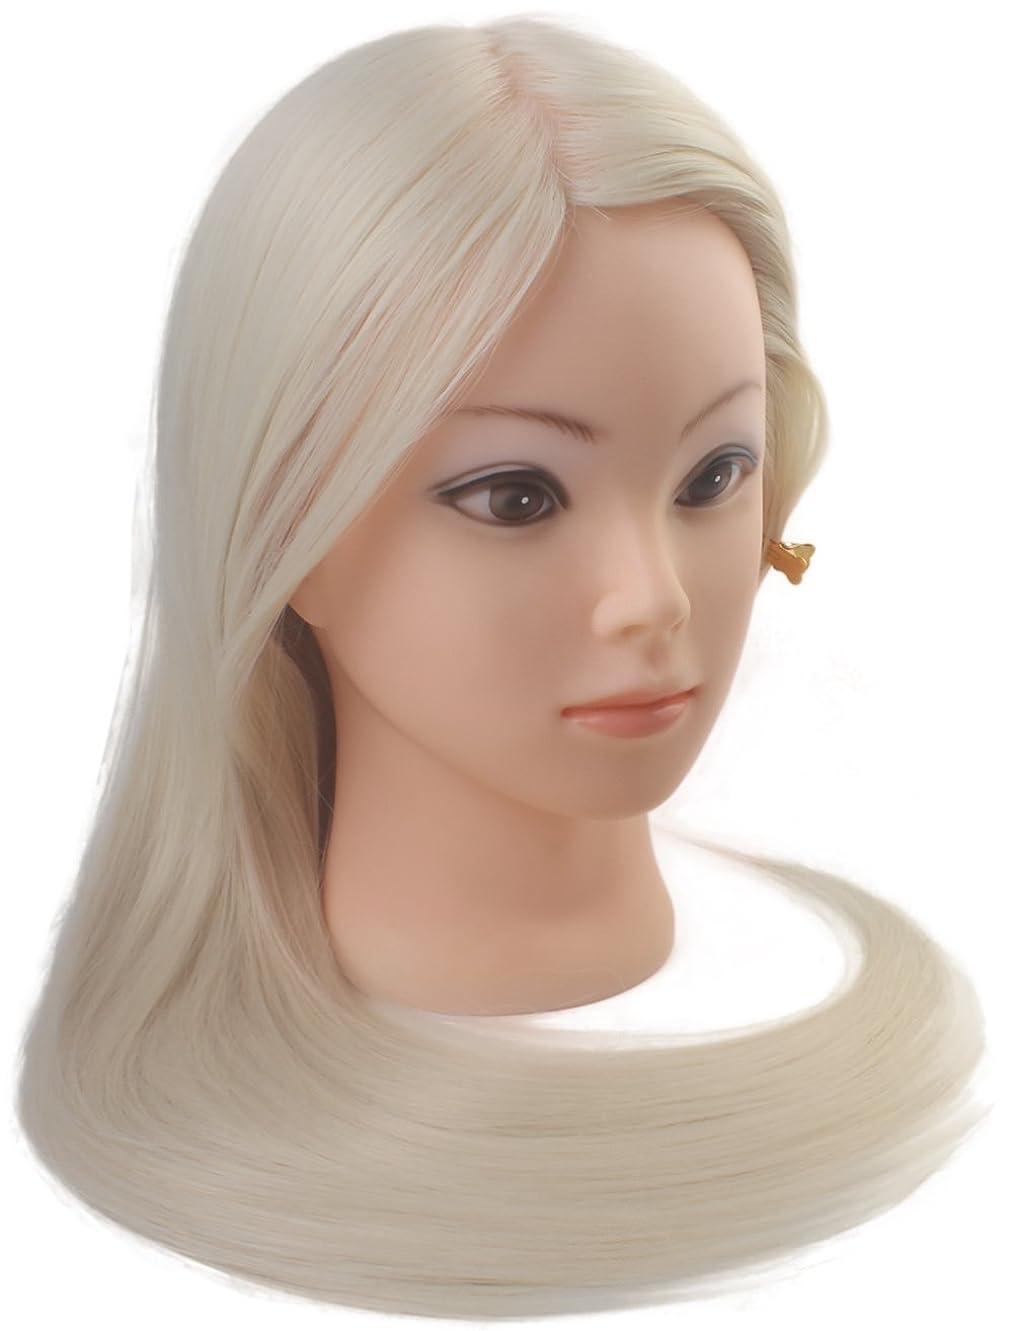 カポック可聴変化するヘアメイク実践トレーニング美容マネキンヘッド100%人工毛ーブロンドヘア60.96センチ